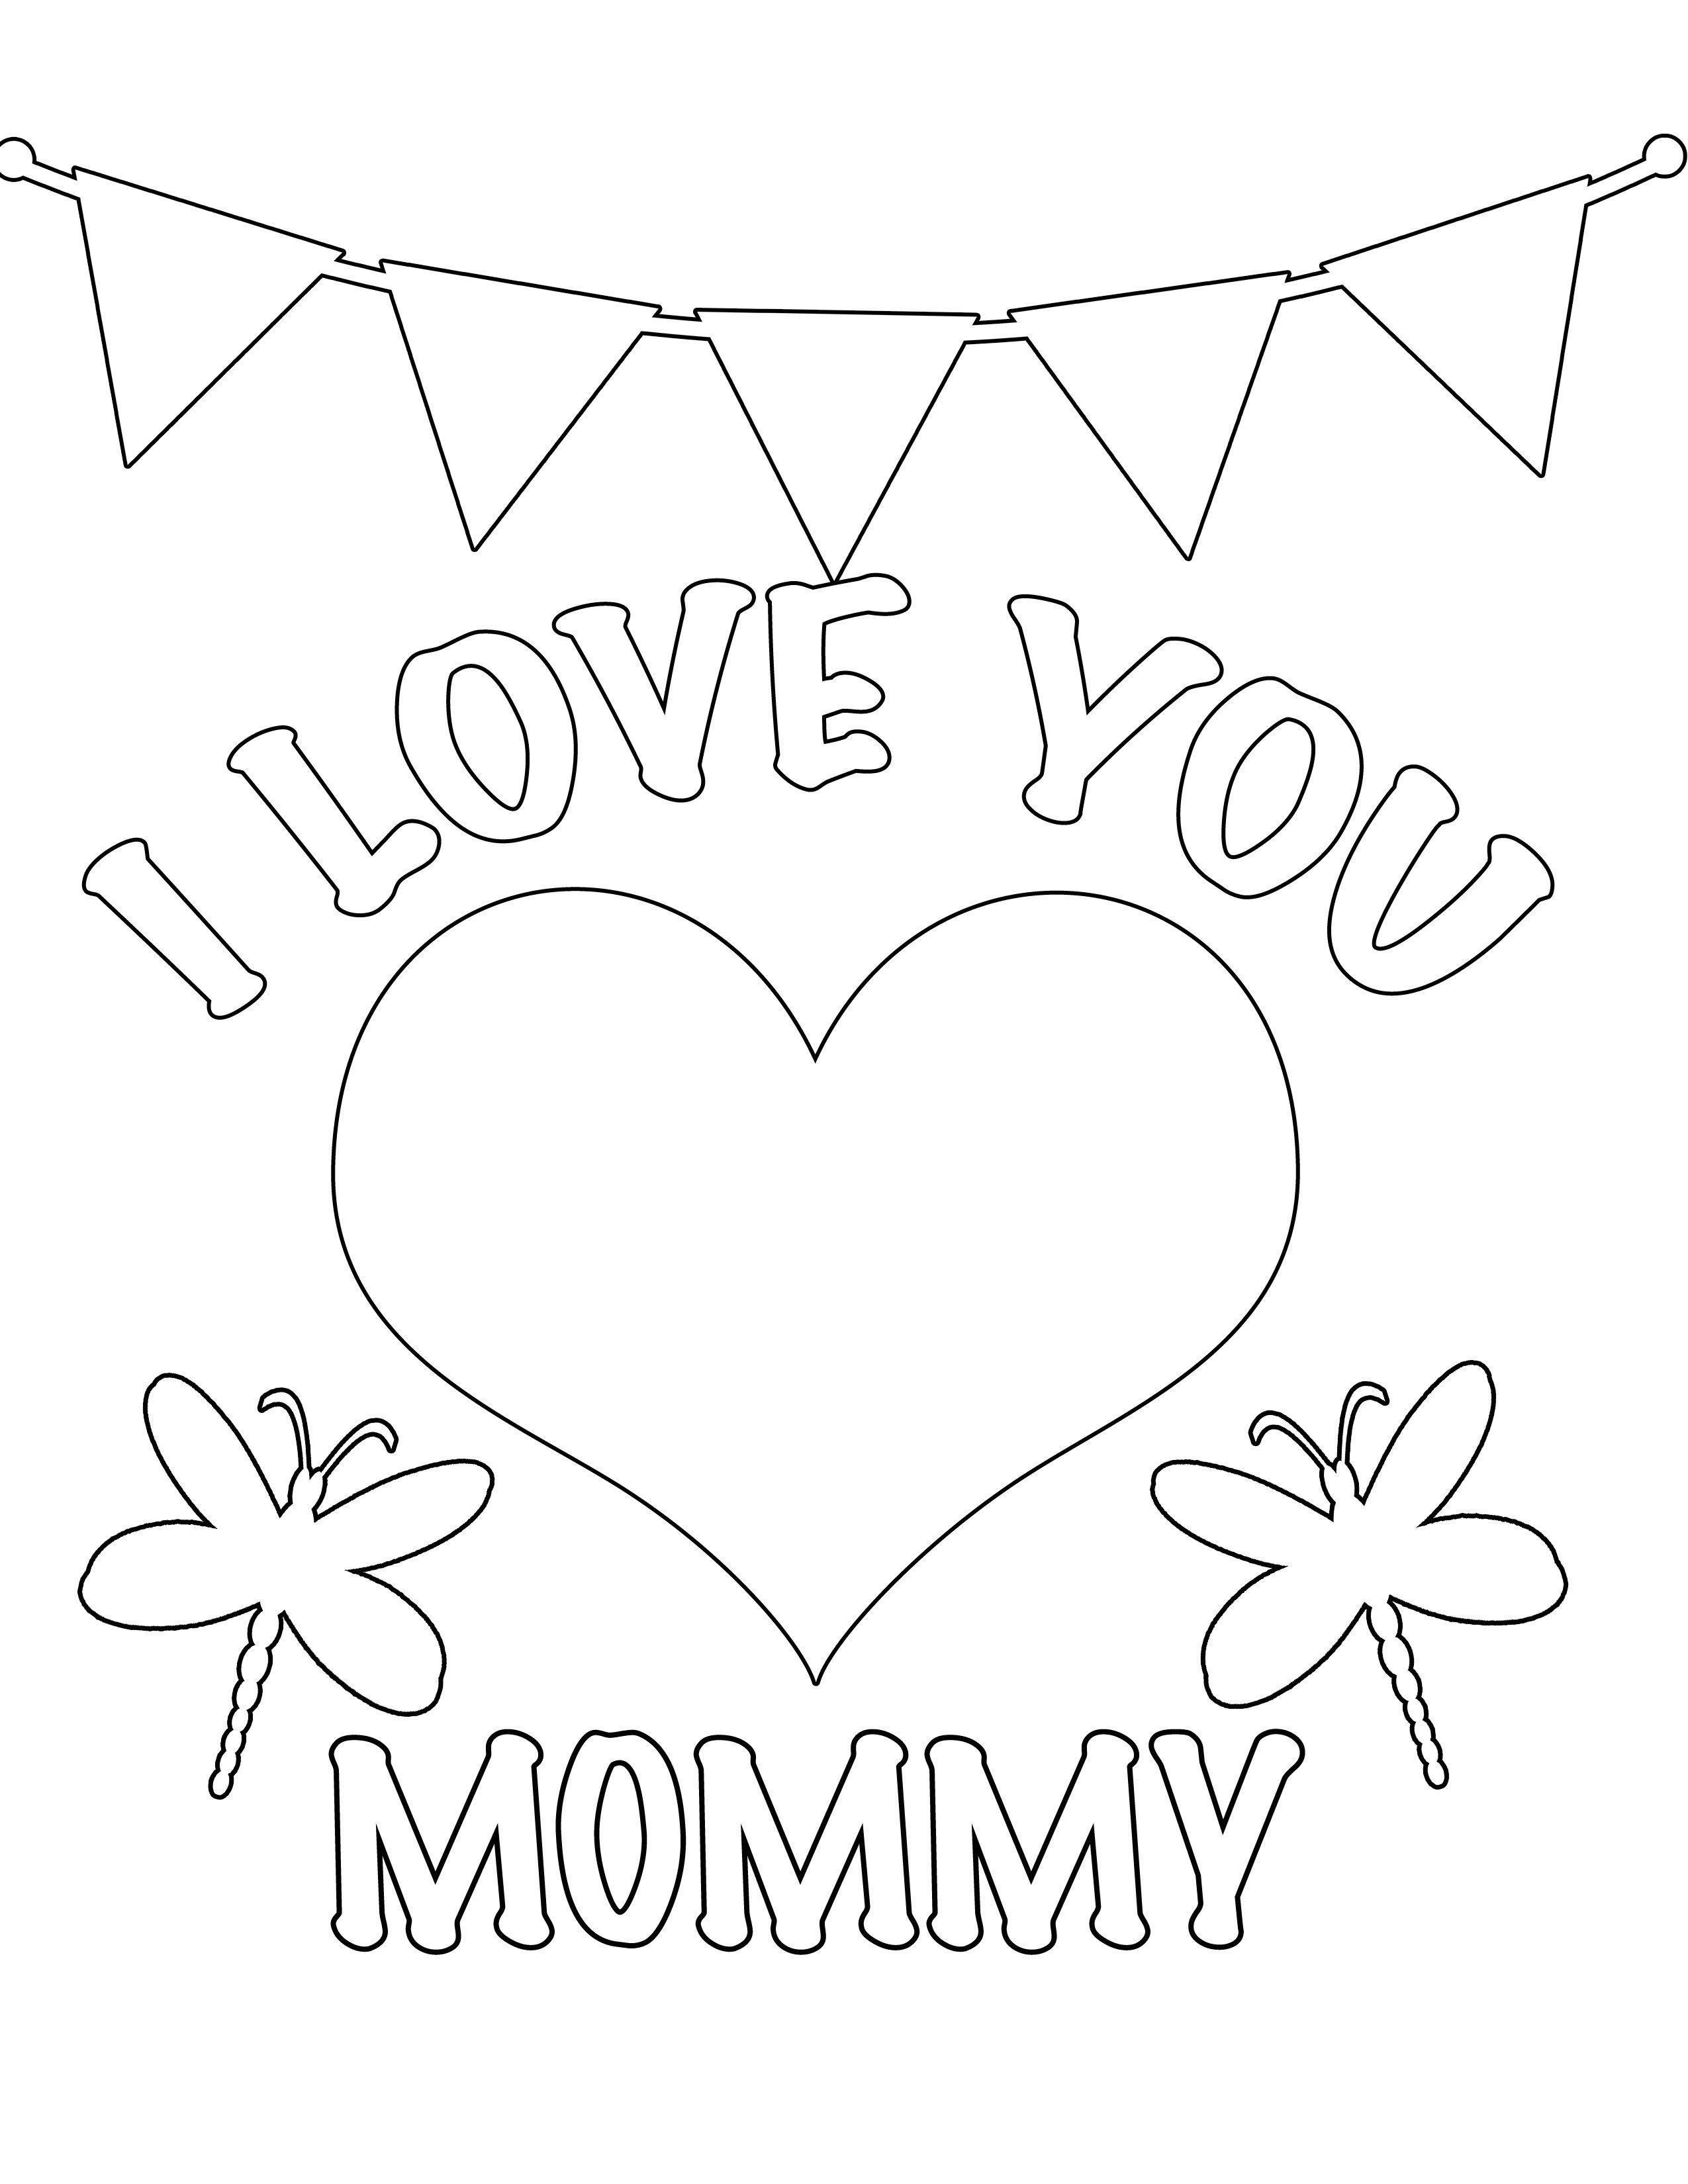 Preschool Printable Worksheets Valentine Coloring Pages Mom Coloring Pages Love Coloring Pages